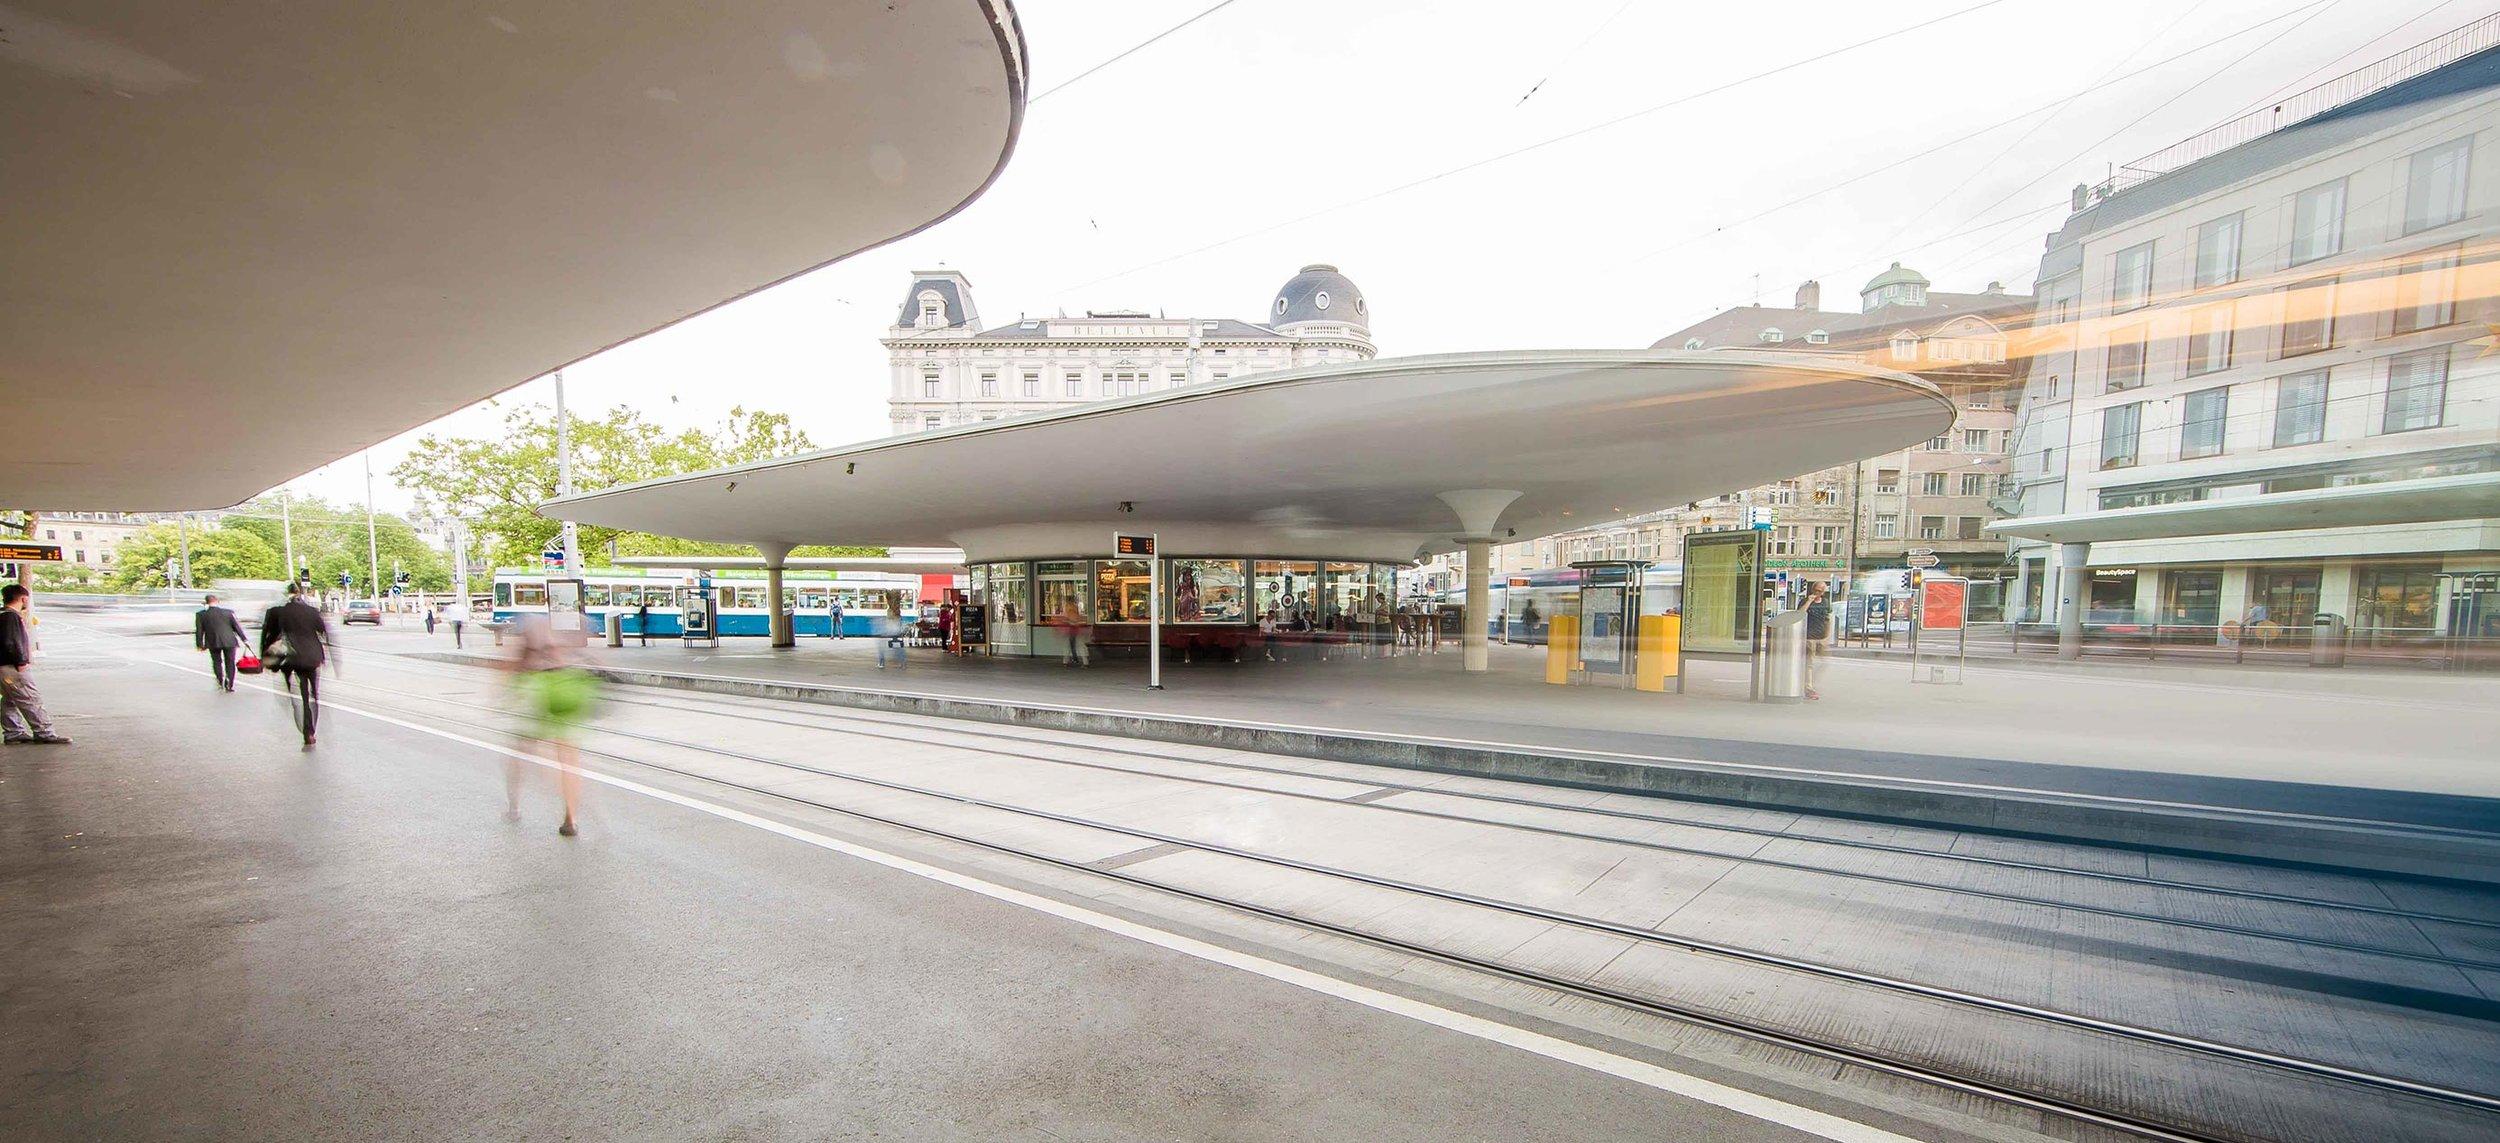 belcafe-zuerich-location-tram-bellevue